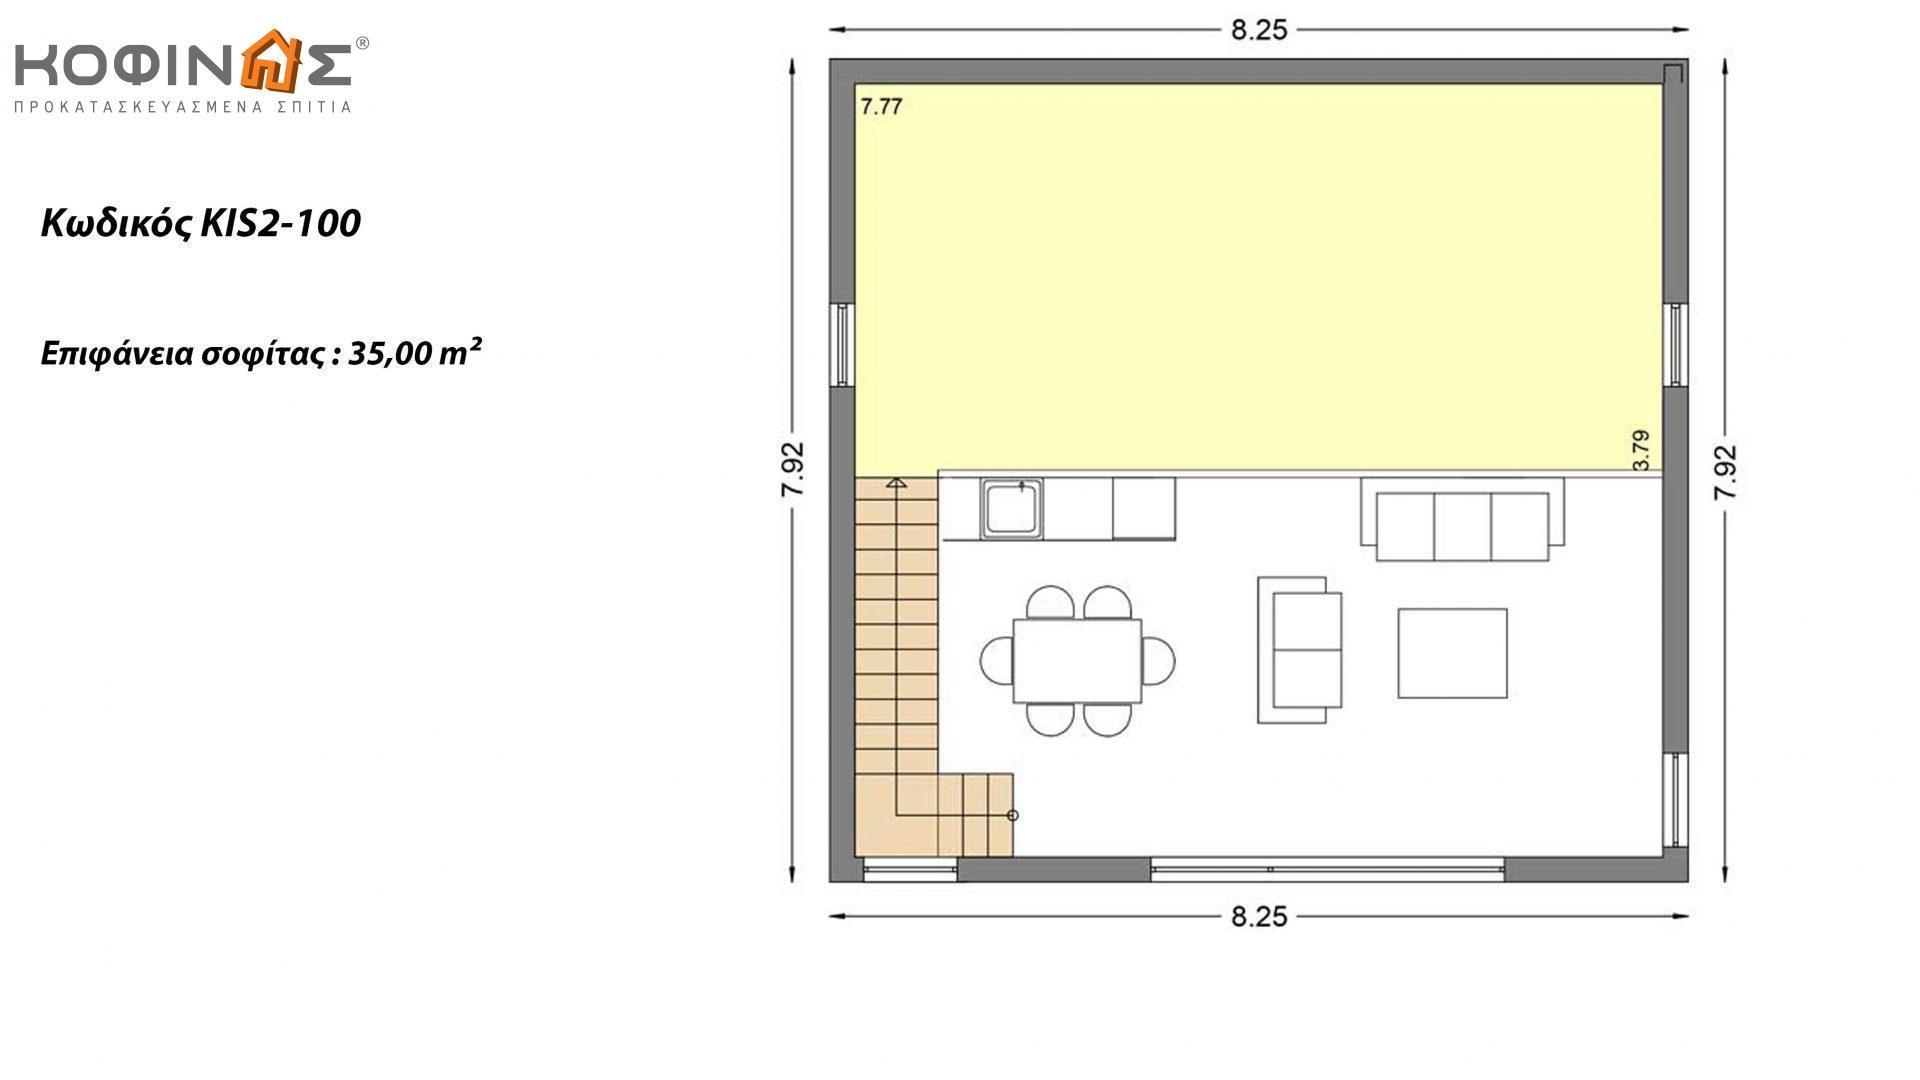 Ισόγεια Κατοικία με Σοφίτα KIS2-100, συνολικής επιφάνειας 100,37 τ.μ. ,συνολική επιφάνεια στεγασμένων χώρων 14,97 τ.μ.